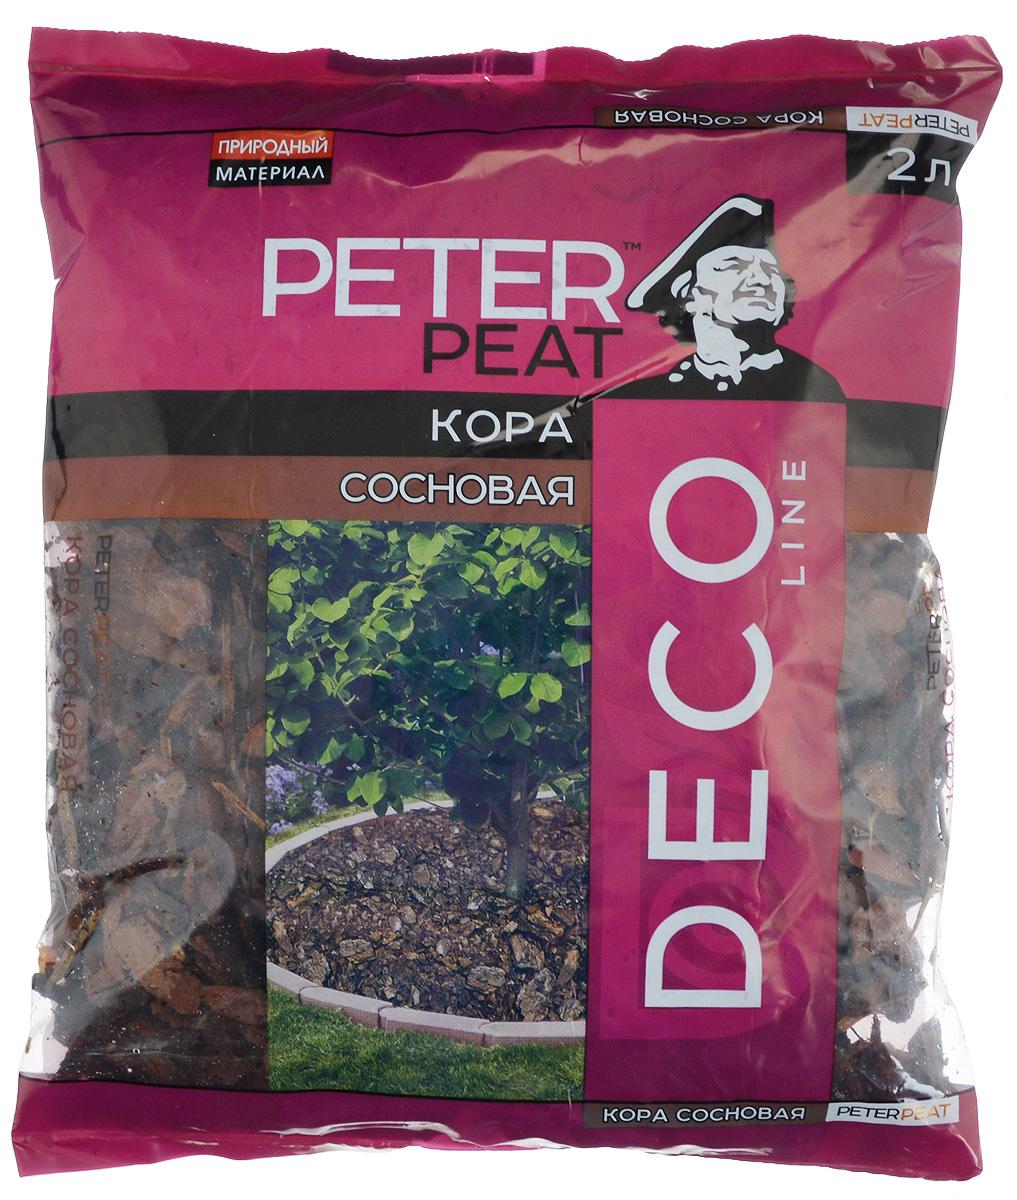 Кора сосновая Peter Peat, 2 л09840-20.000.00Сосновая кора Peter Peat - экологически чистый природный материал. Кора защищает почву от перепадов температуры, сохраняет почвенную влагу, снижает количество сорняков. Не содержит примесей. Сосновая кора создает благоприятные условия для роста корней, повышает биологическую активность почвы.Широко используется для оформления клумб, дорожек, мульчирования посадок клубники, плодовых и декоративных кустарников и деревьев.Кора в составе декоративных композиций придает им красивый вид и наполняет пространство ароматом соснового леса.